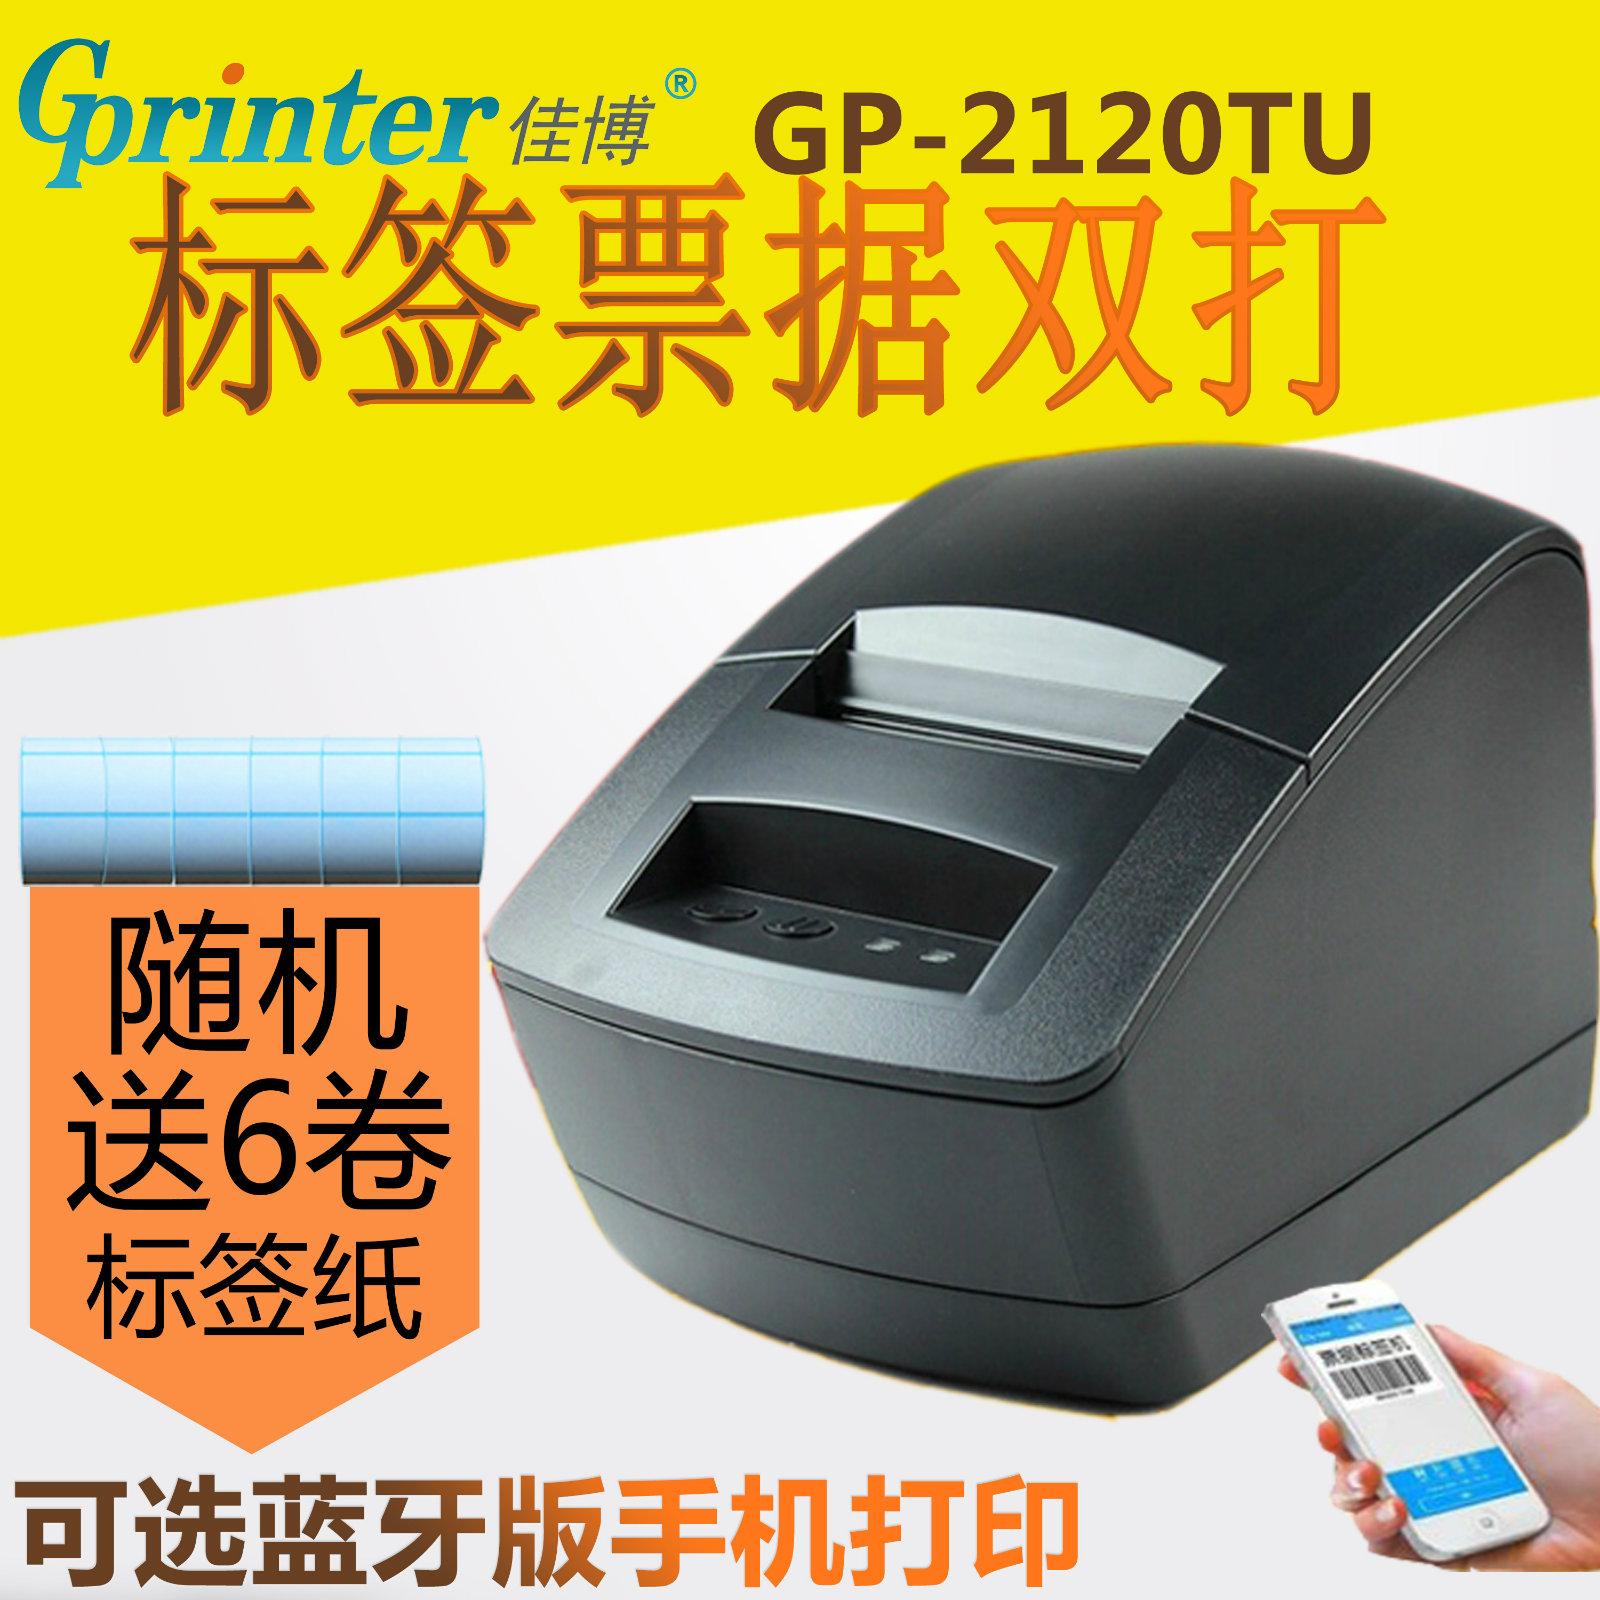 佳博GP-2120TU热敏条码打印机不干胶二维码服装标签票据